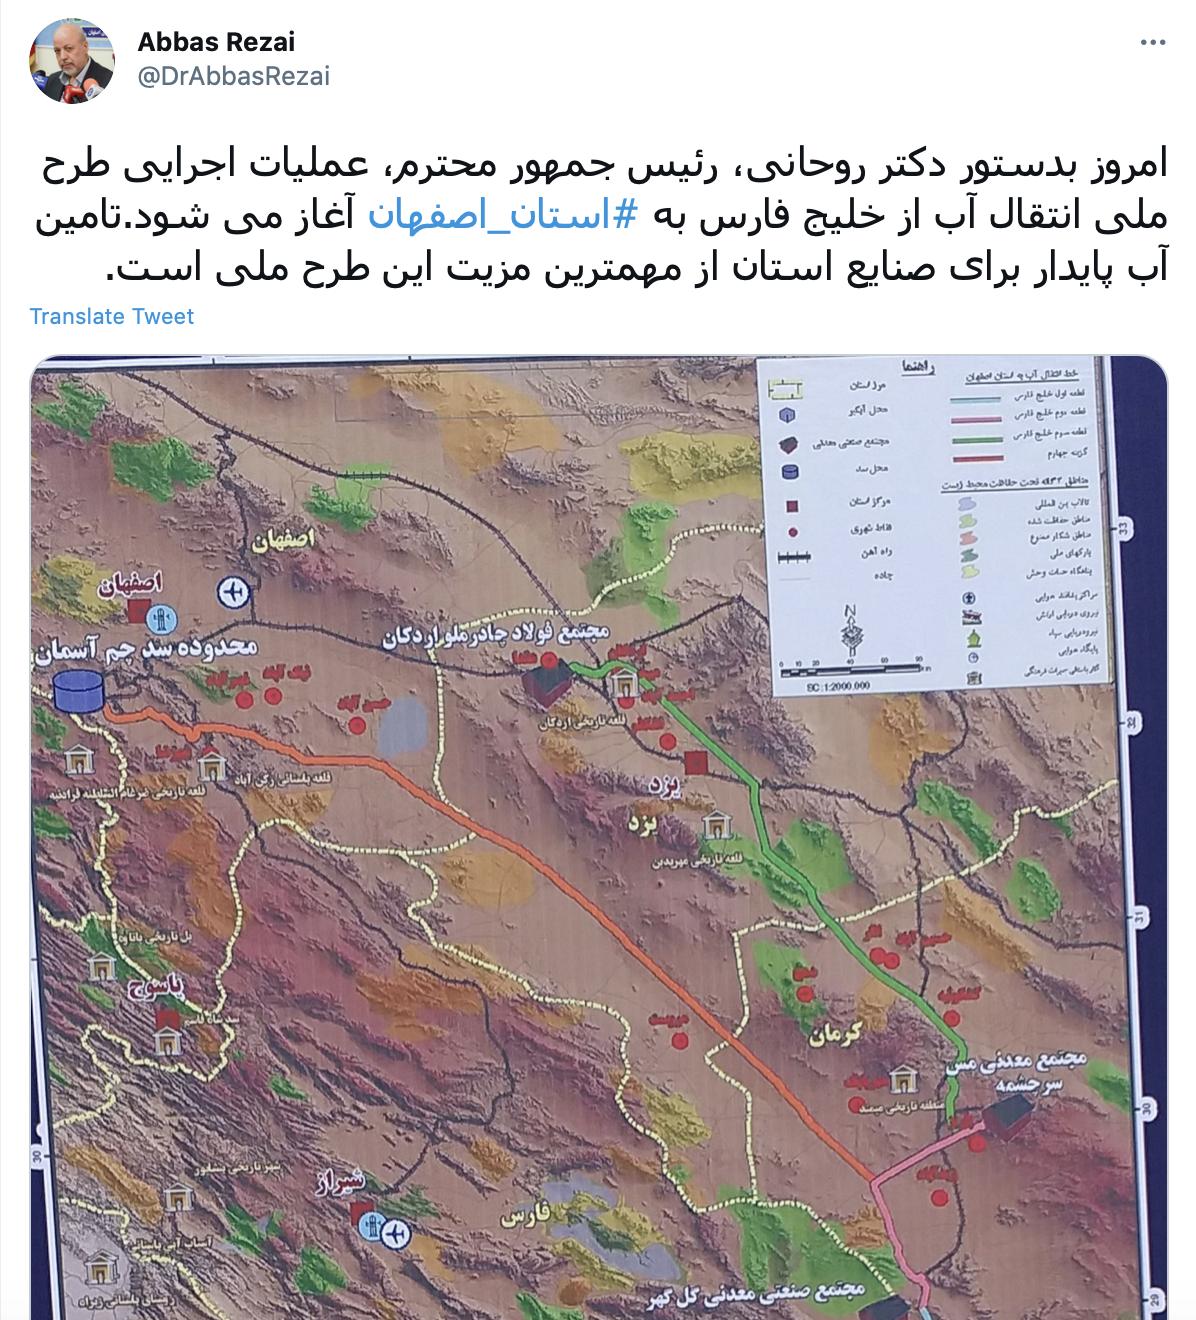 عملیات اجرایی طرح ملی انتقال آب از خلیج فارس به استان اصفهان آغاز میشود